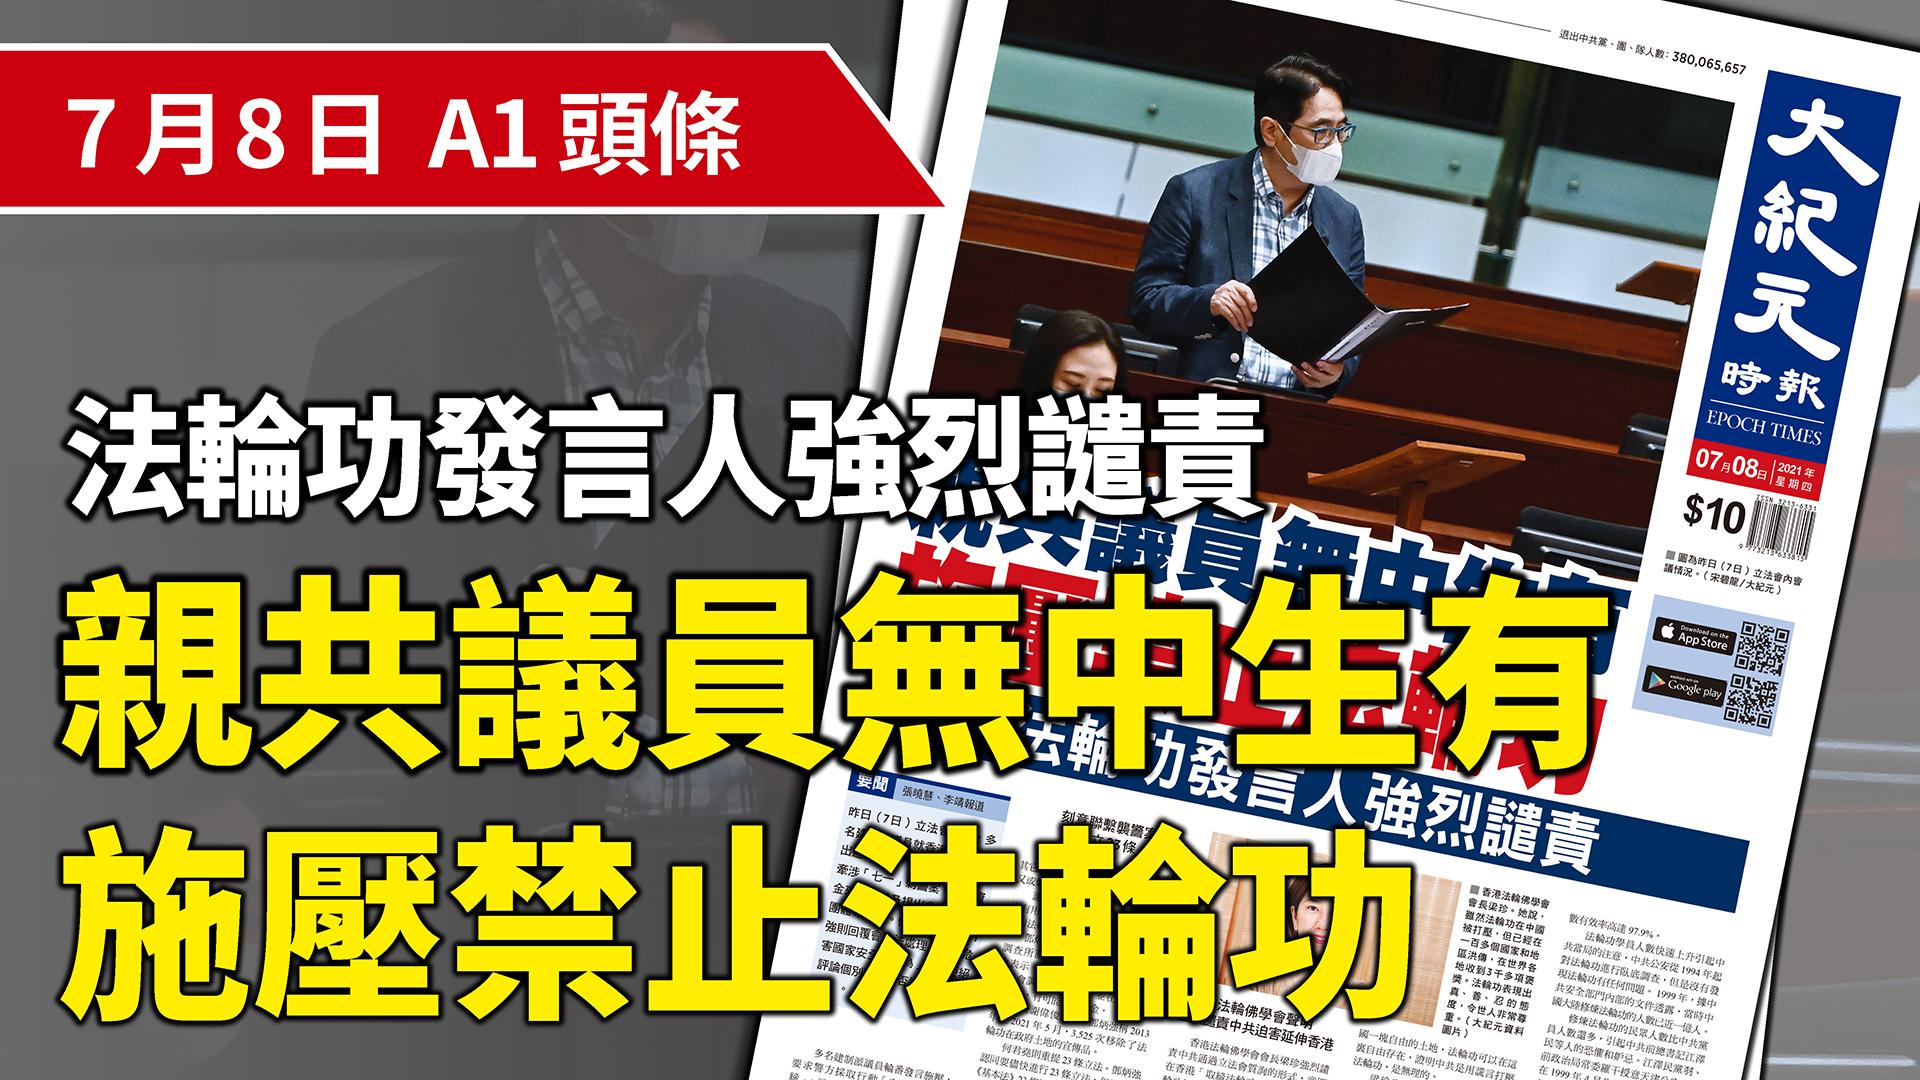 圖為昨日(7日)立法會內會議情況。(宋碧龍/大紀元)